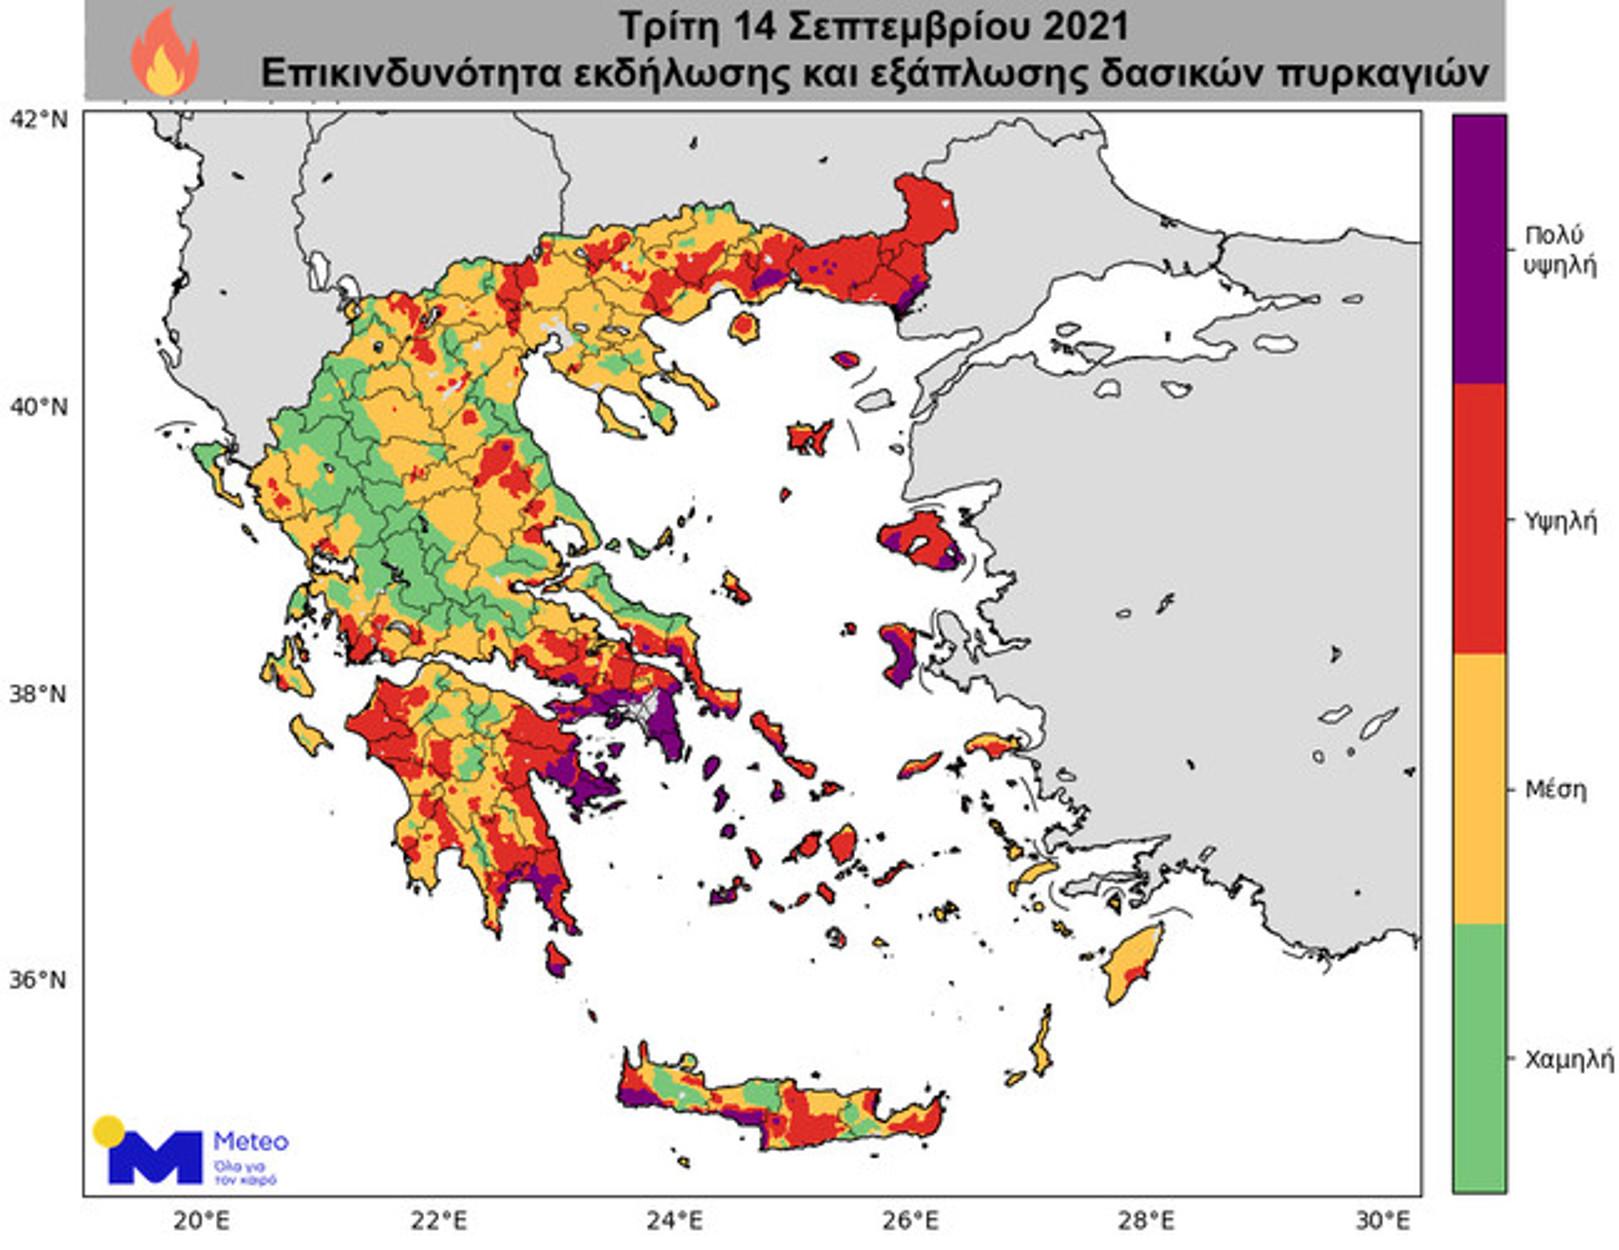 Καιρός: Ισχυροί άνεμοι και μεγάλος κίνδυνος για φωτιές – Ποιες περιοχές είναι πιο επίφοβες